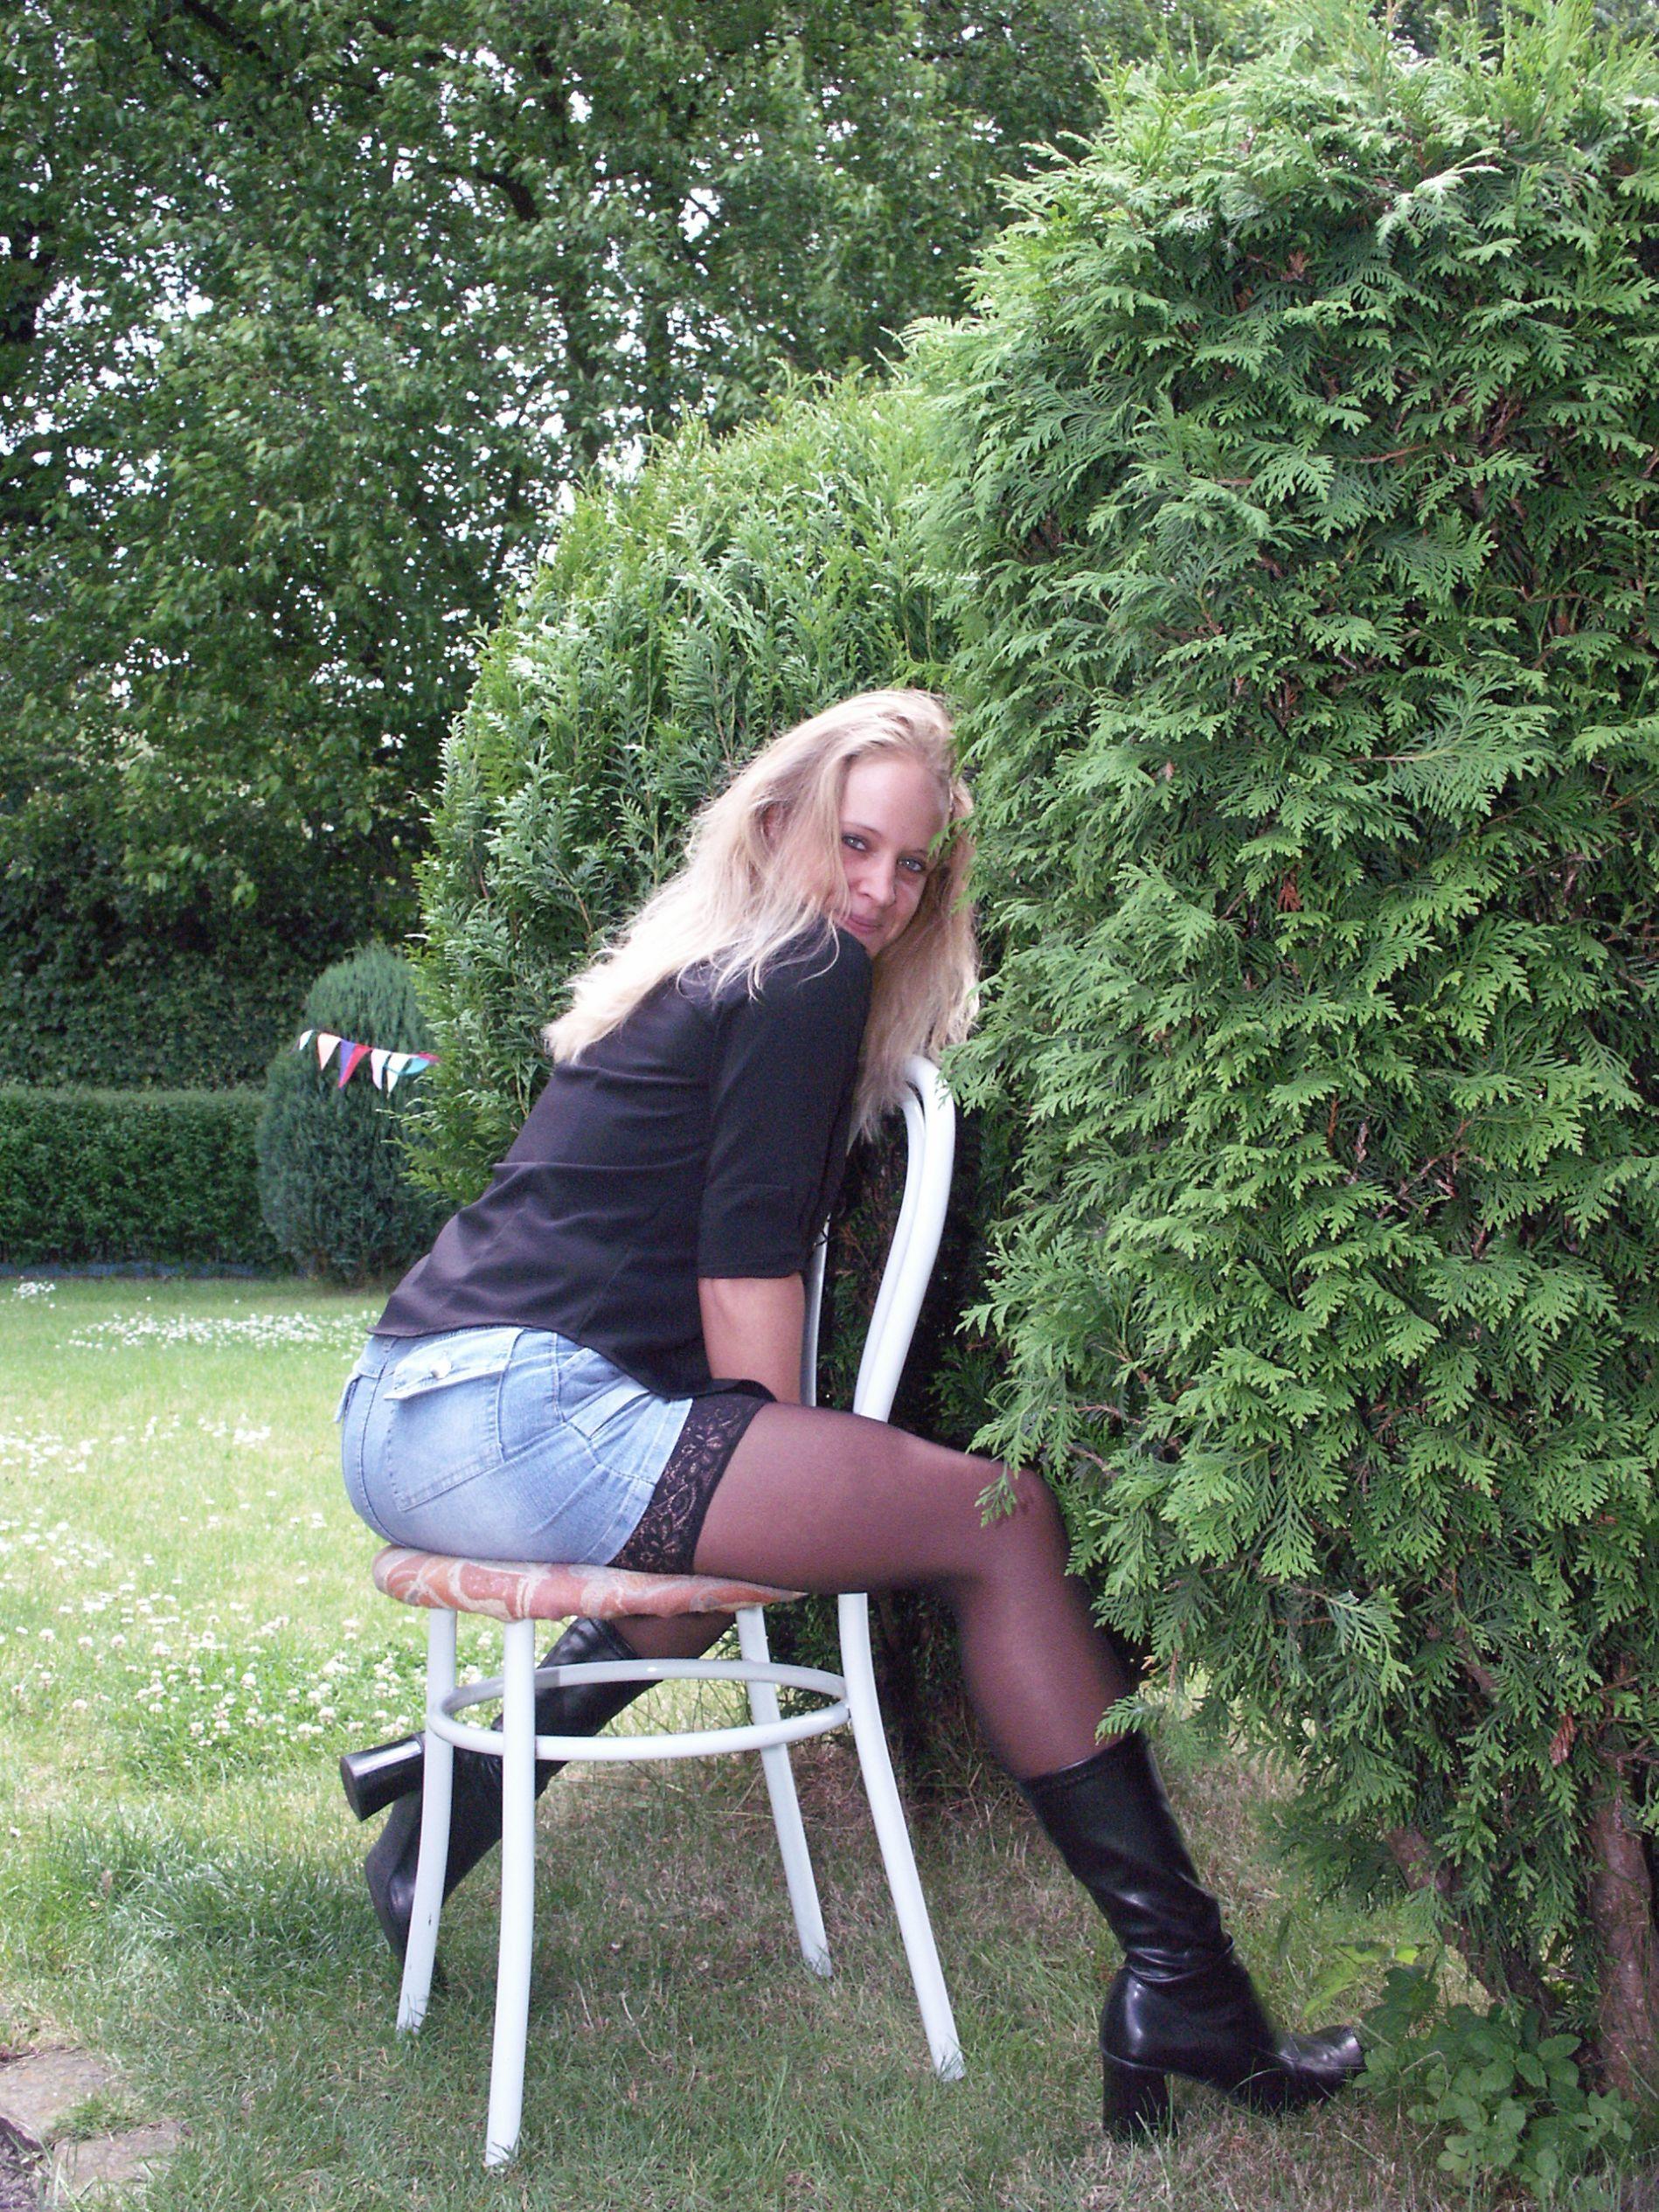 sexy Blondine halterlosen Strümpfen und Lederstiefeln sitzt auf Gartenstuhl